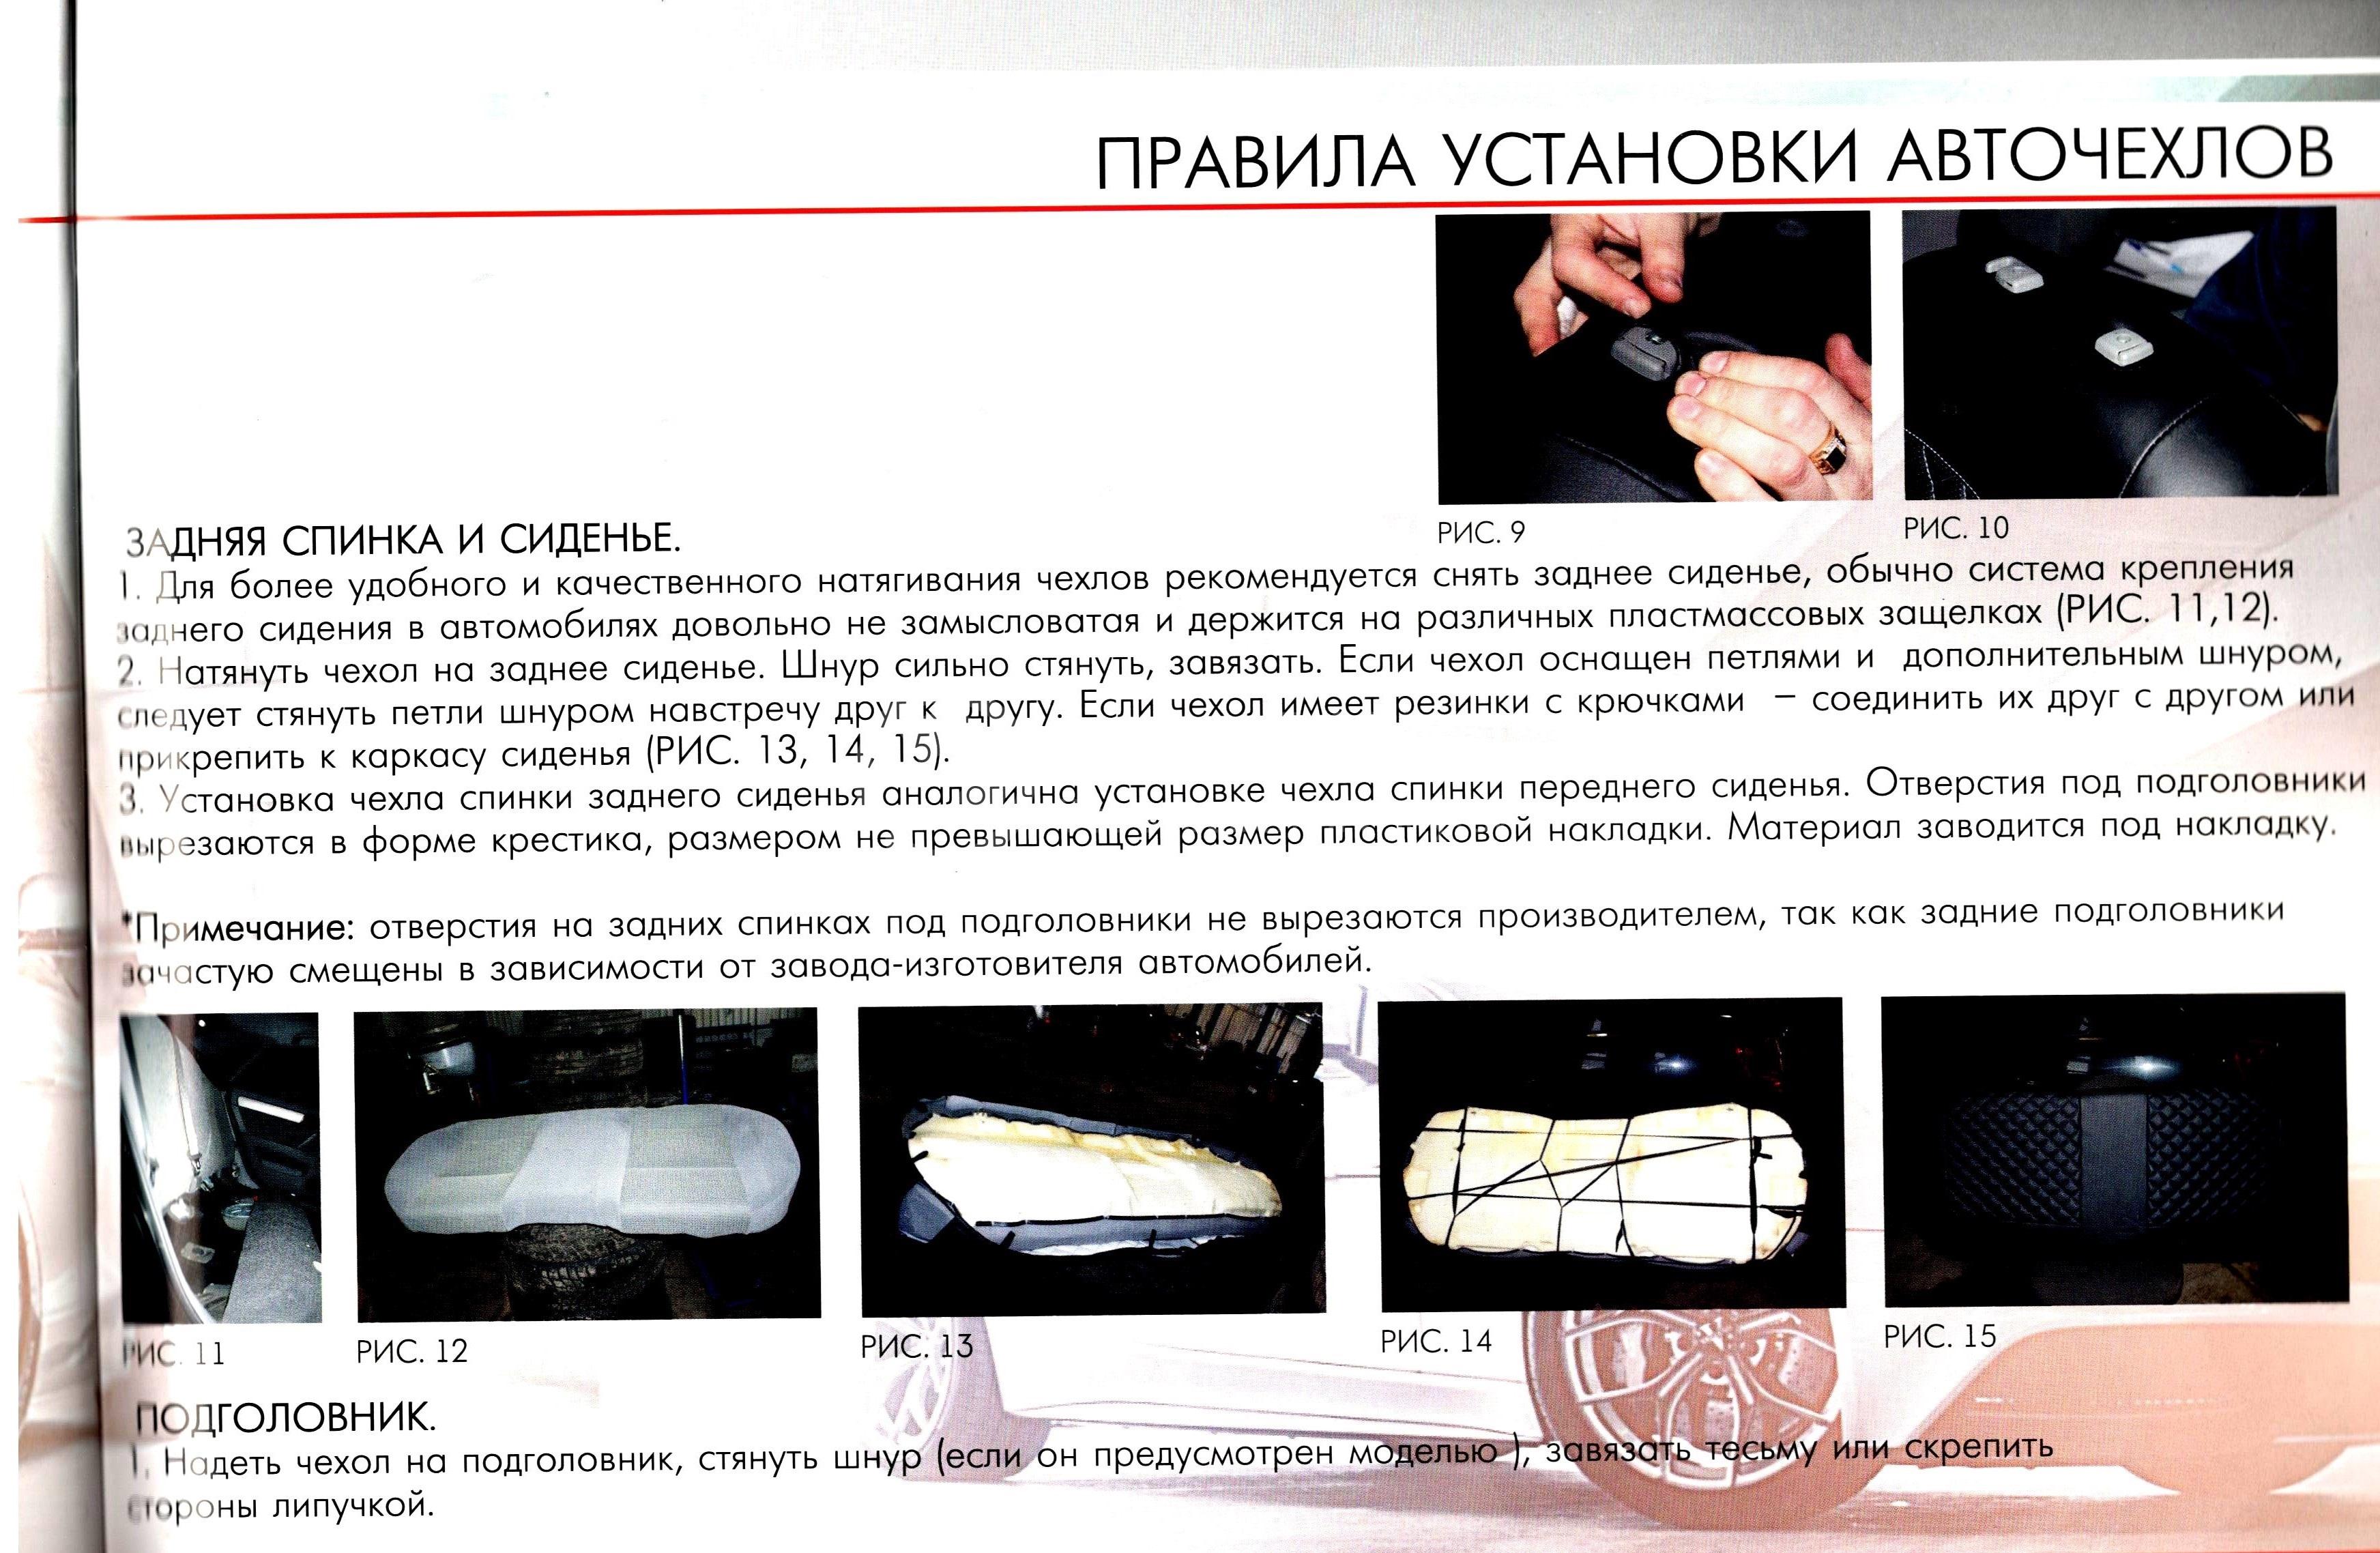 детские автокресла с креплением г. октябрьский